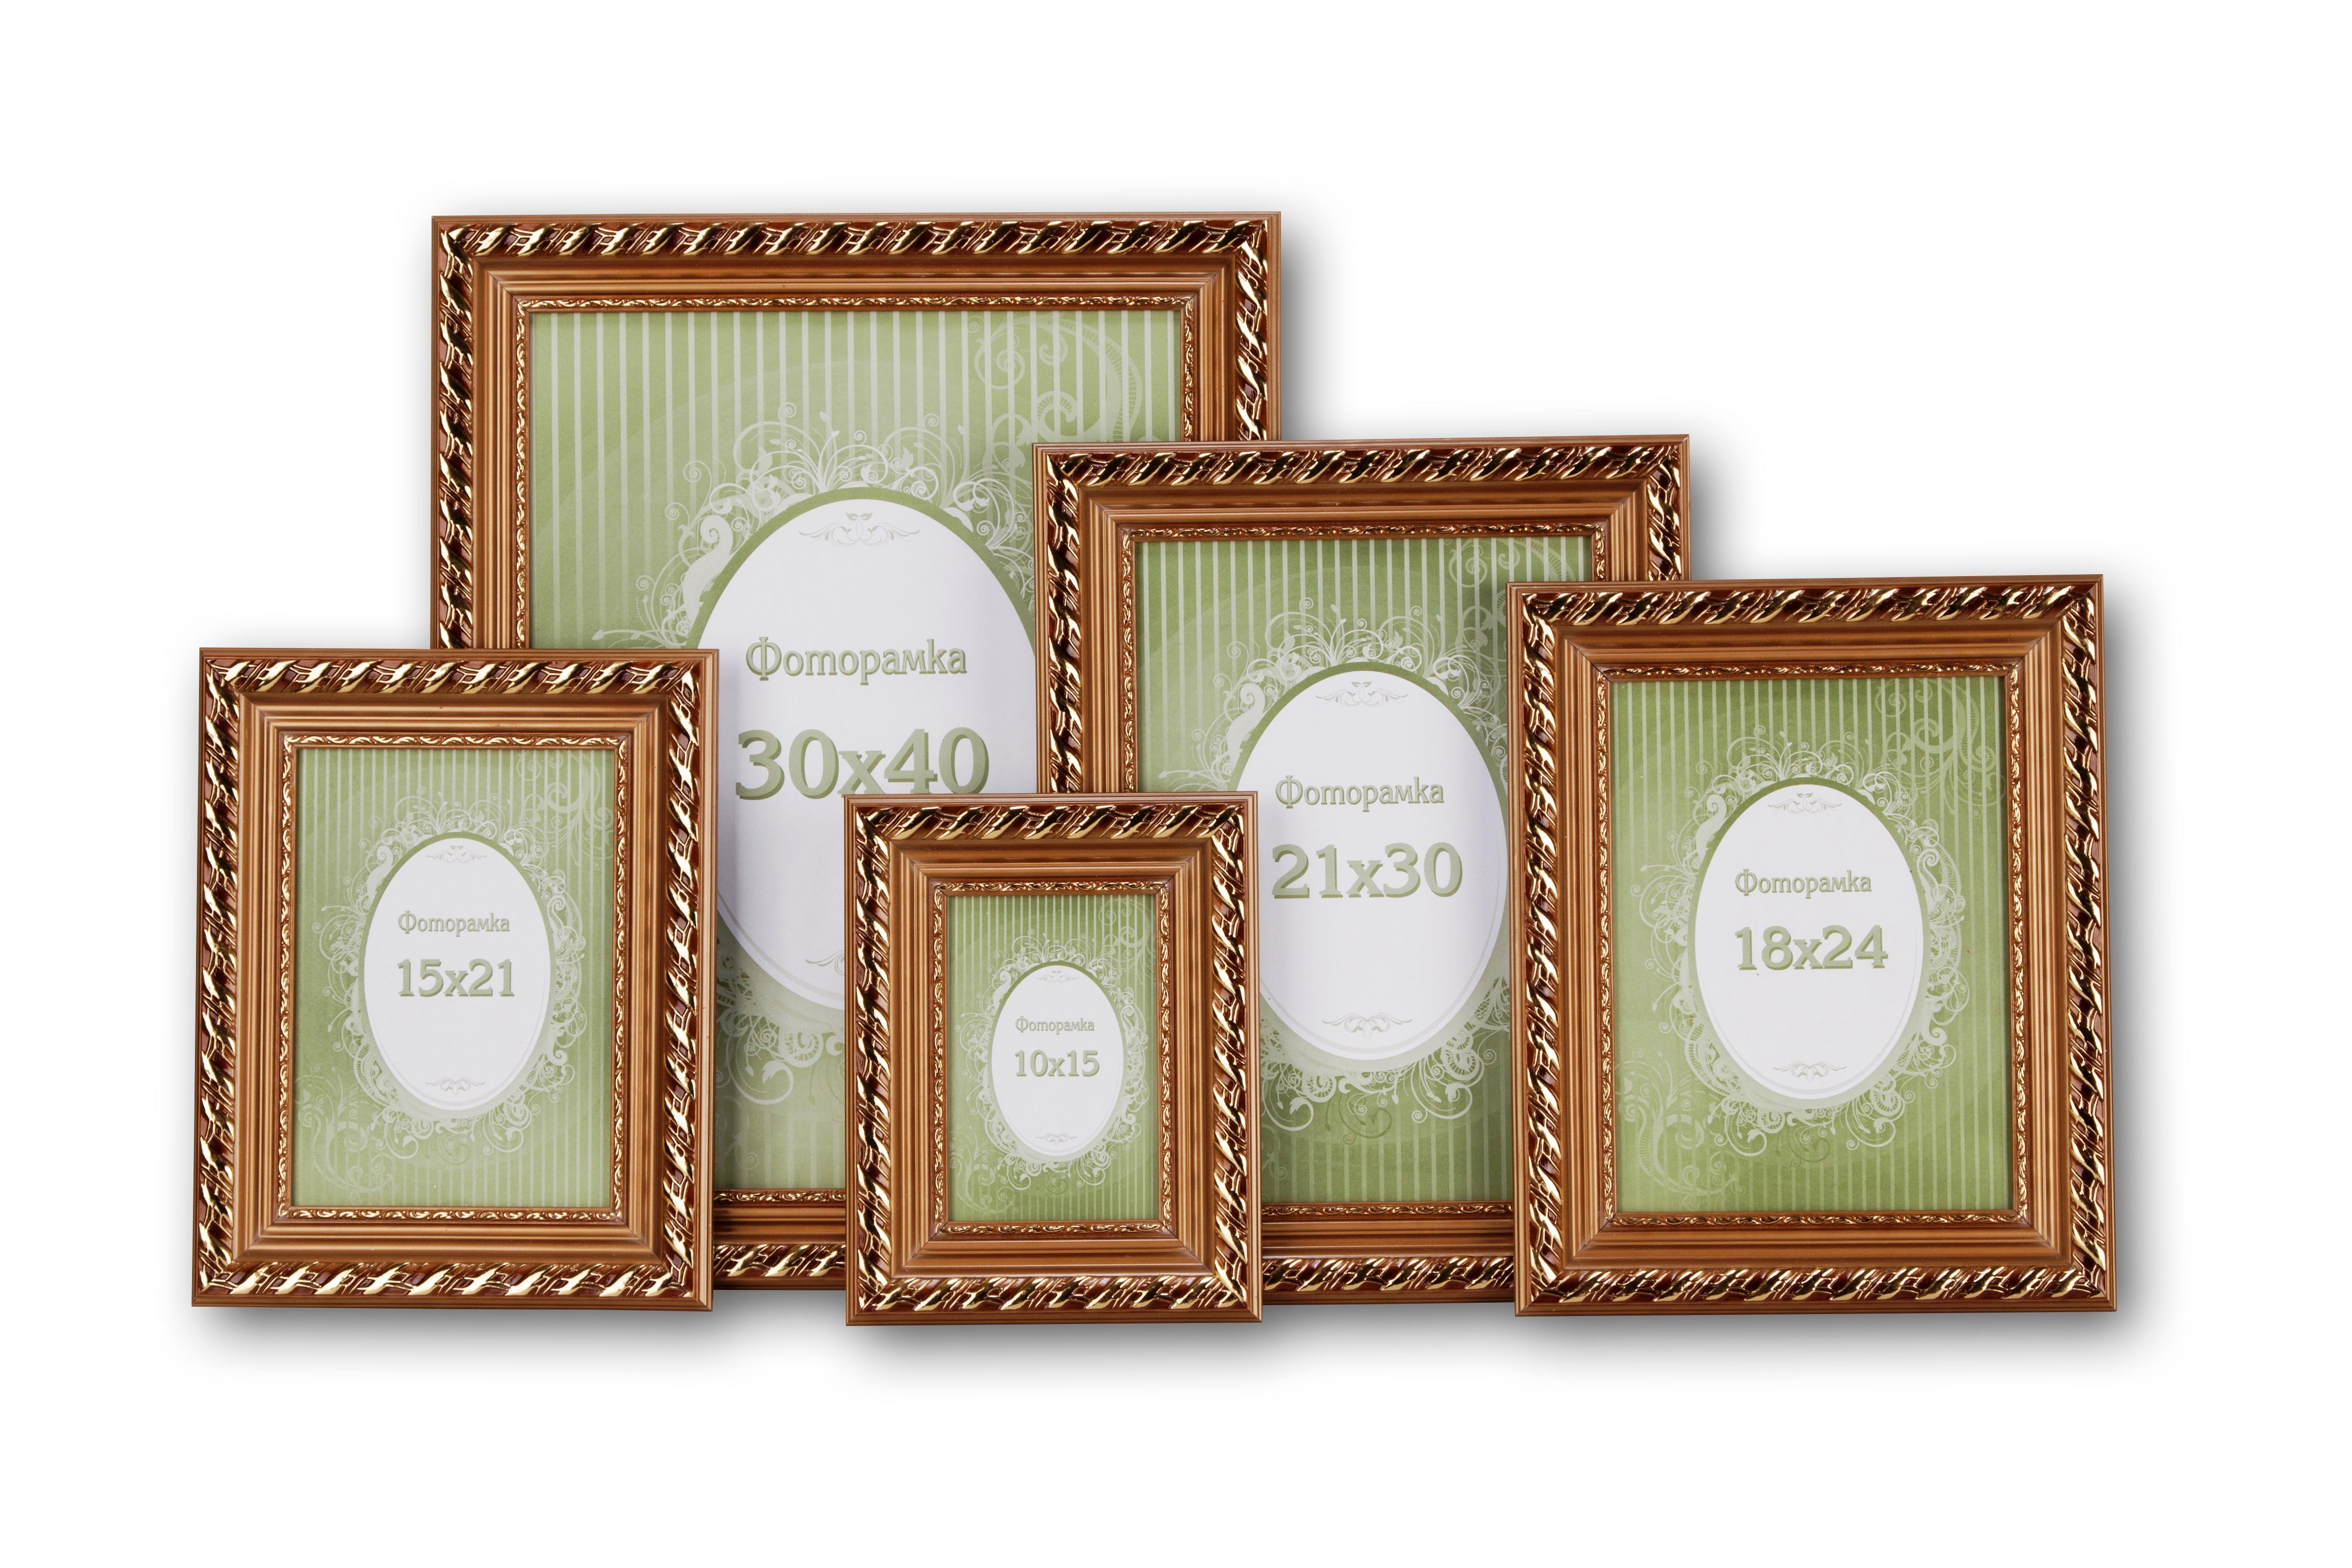 Сбор заказов. Недорогие деревянные Рамки. Идеально для оформления Вышивок и Картин по номерам в багет!Выкуп-2.